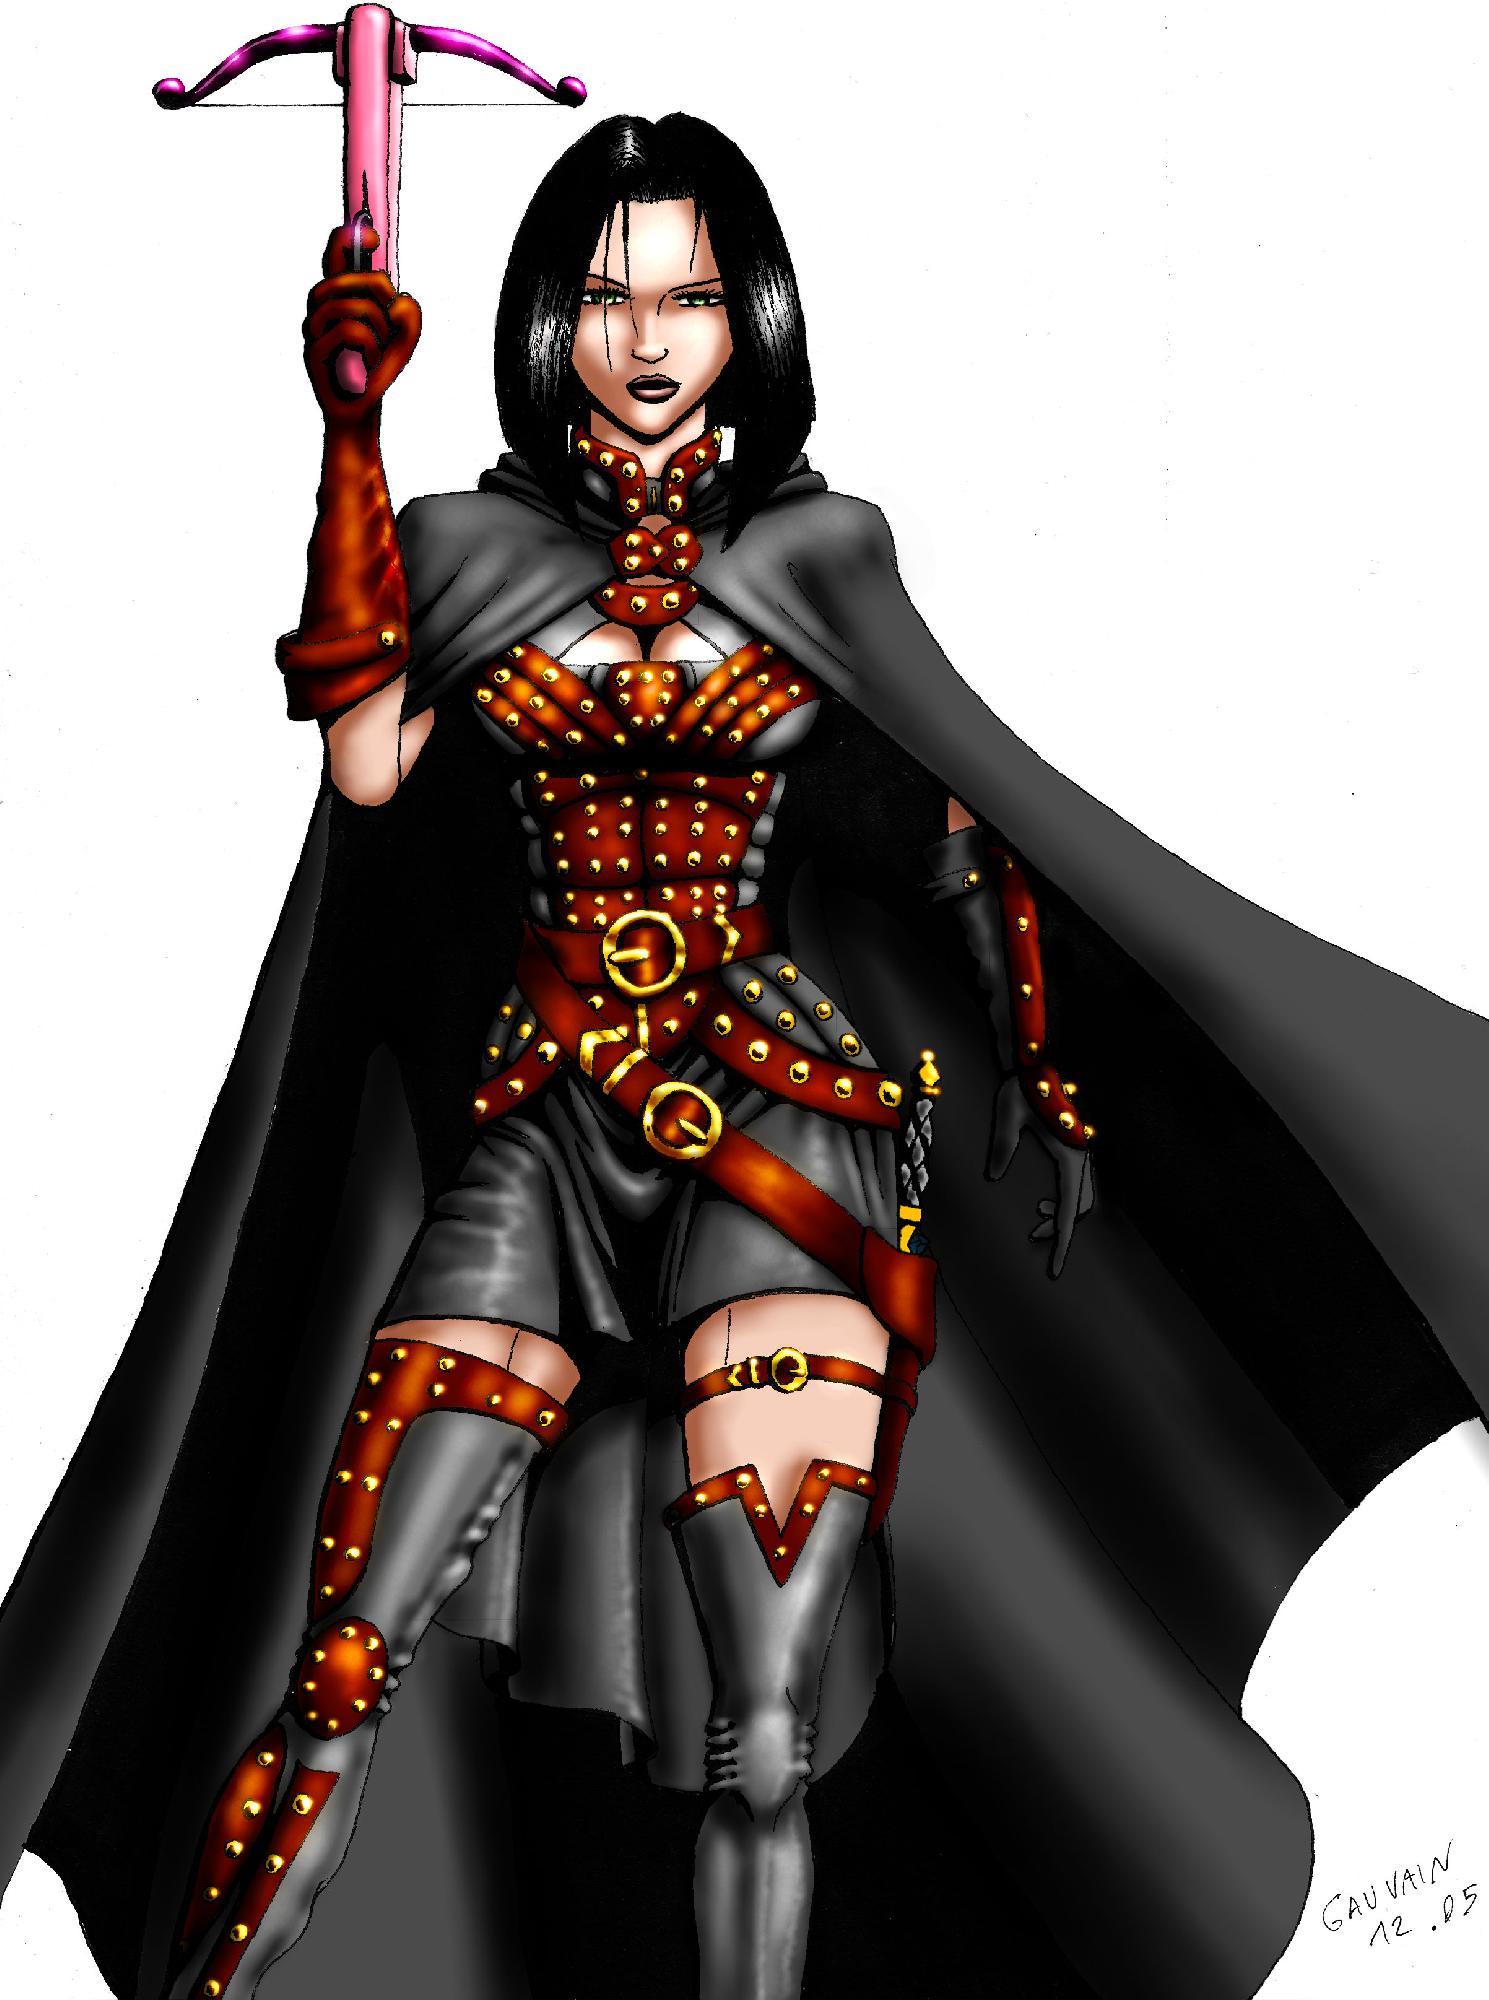 Fugitifs : Dessins des personnages joueurs Image5c8119f2dbc38